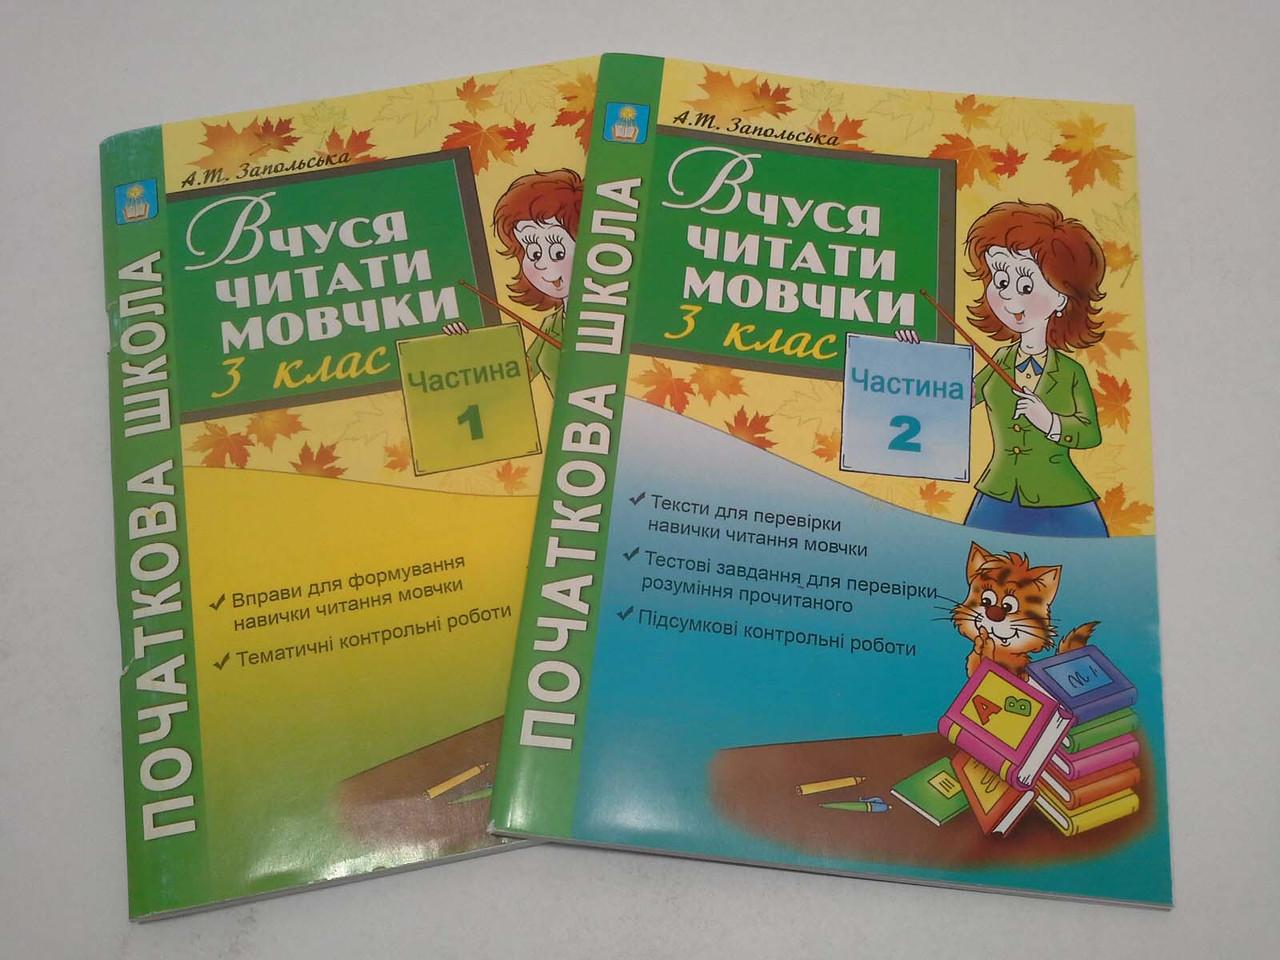 Абетка Вчуся читати мовчки 3 клас У 2-х частинах Запольська